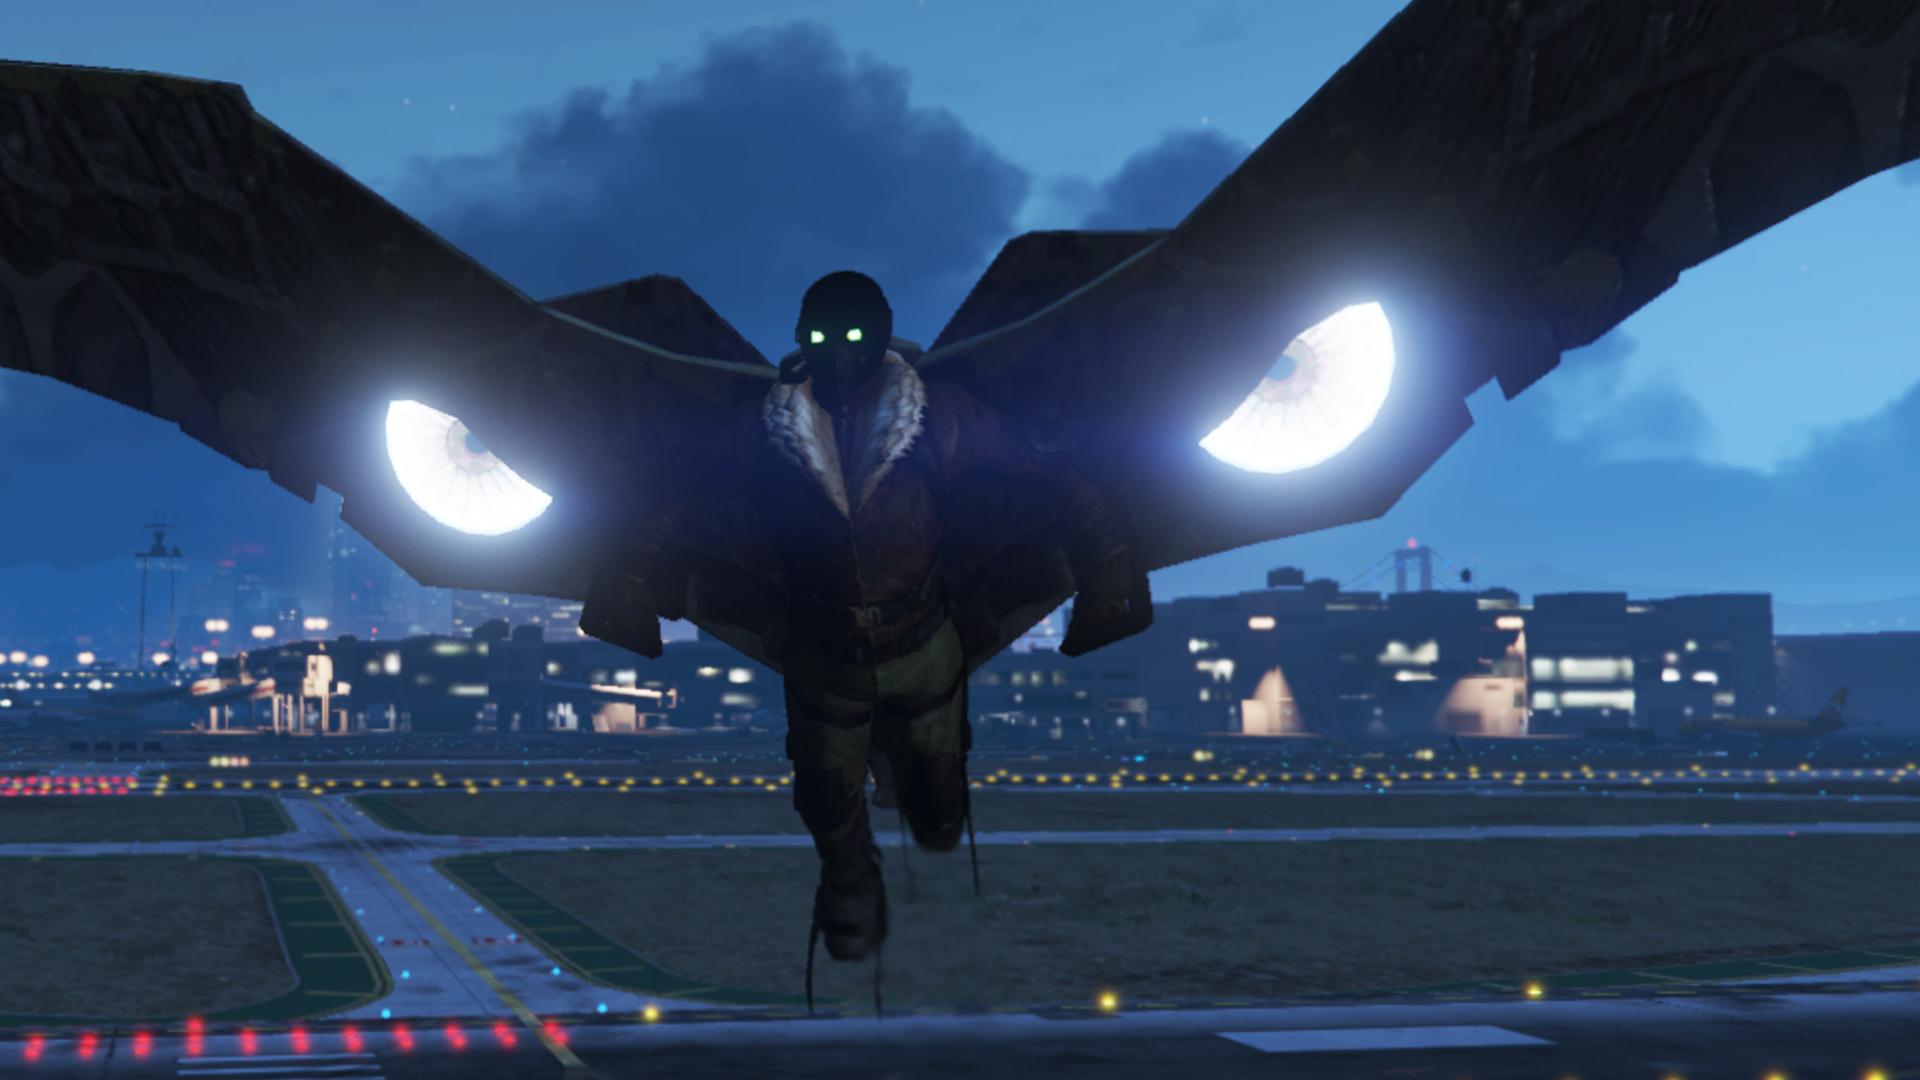 Vulture Spider Man Home Coming Emissive Gta5 Mods Com